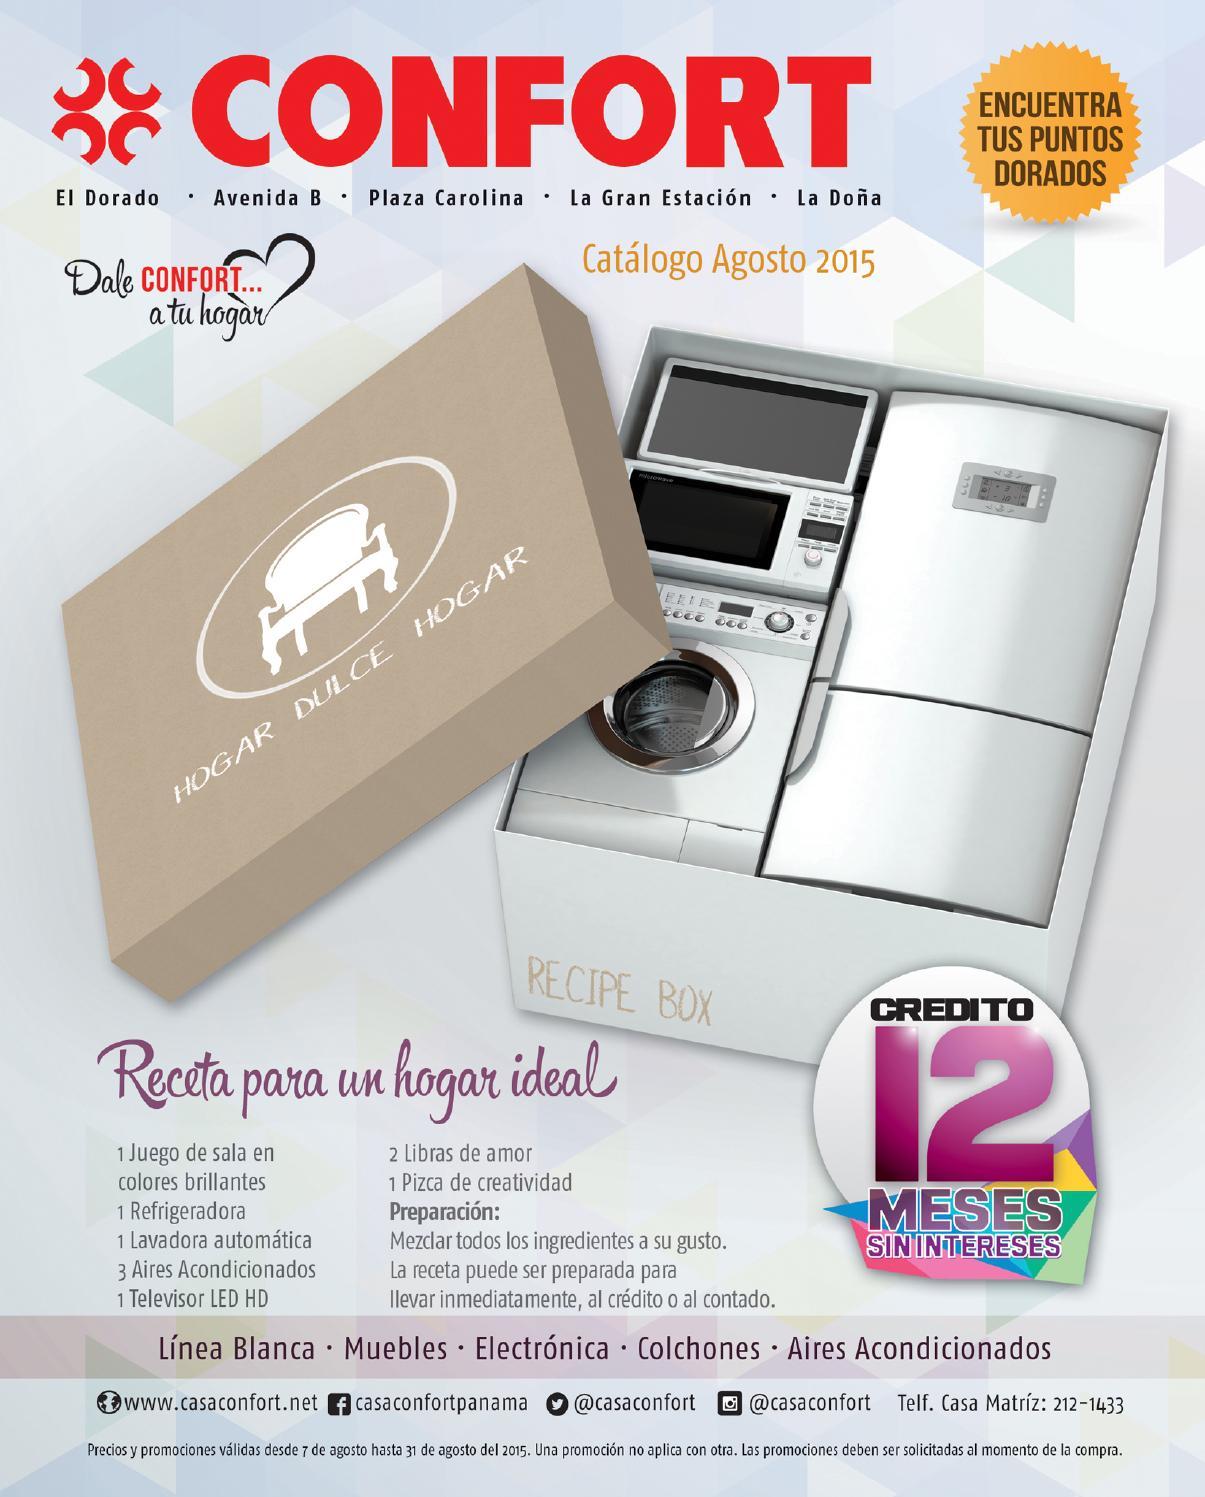 Catalogo confort agosto 2015 by interiores estilo issuu - Muebles martin catalogo ...